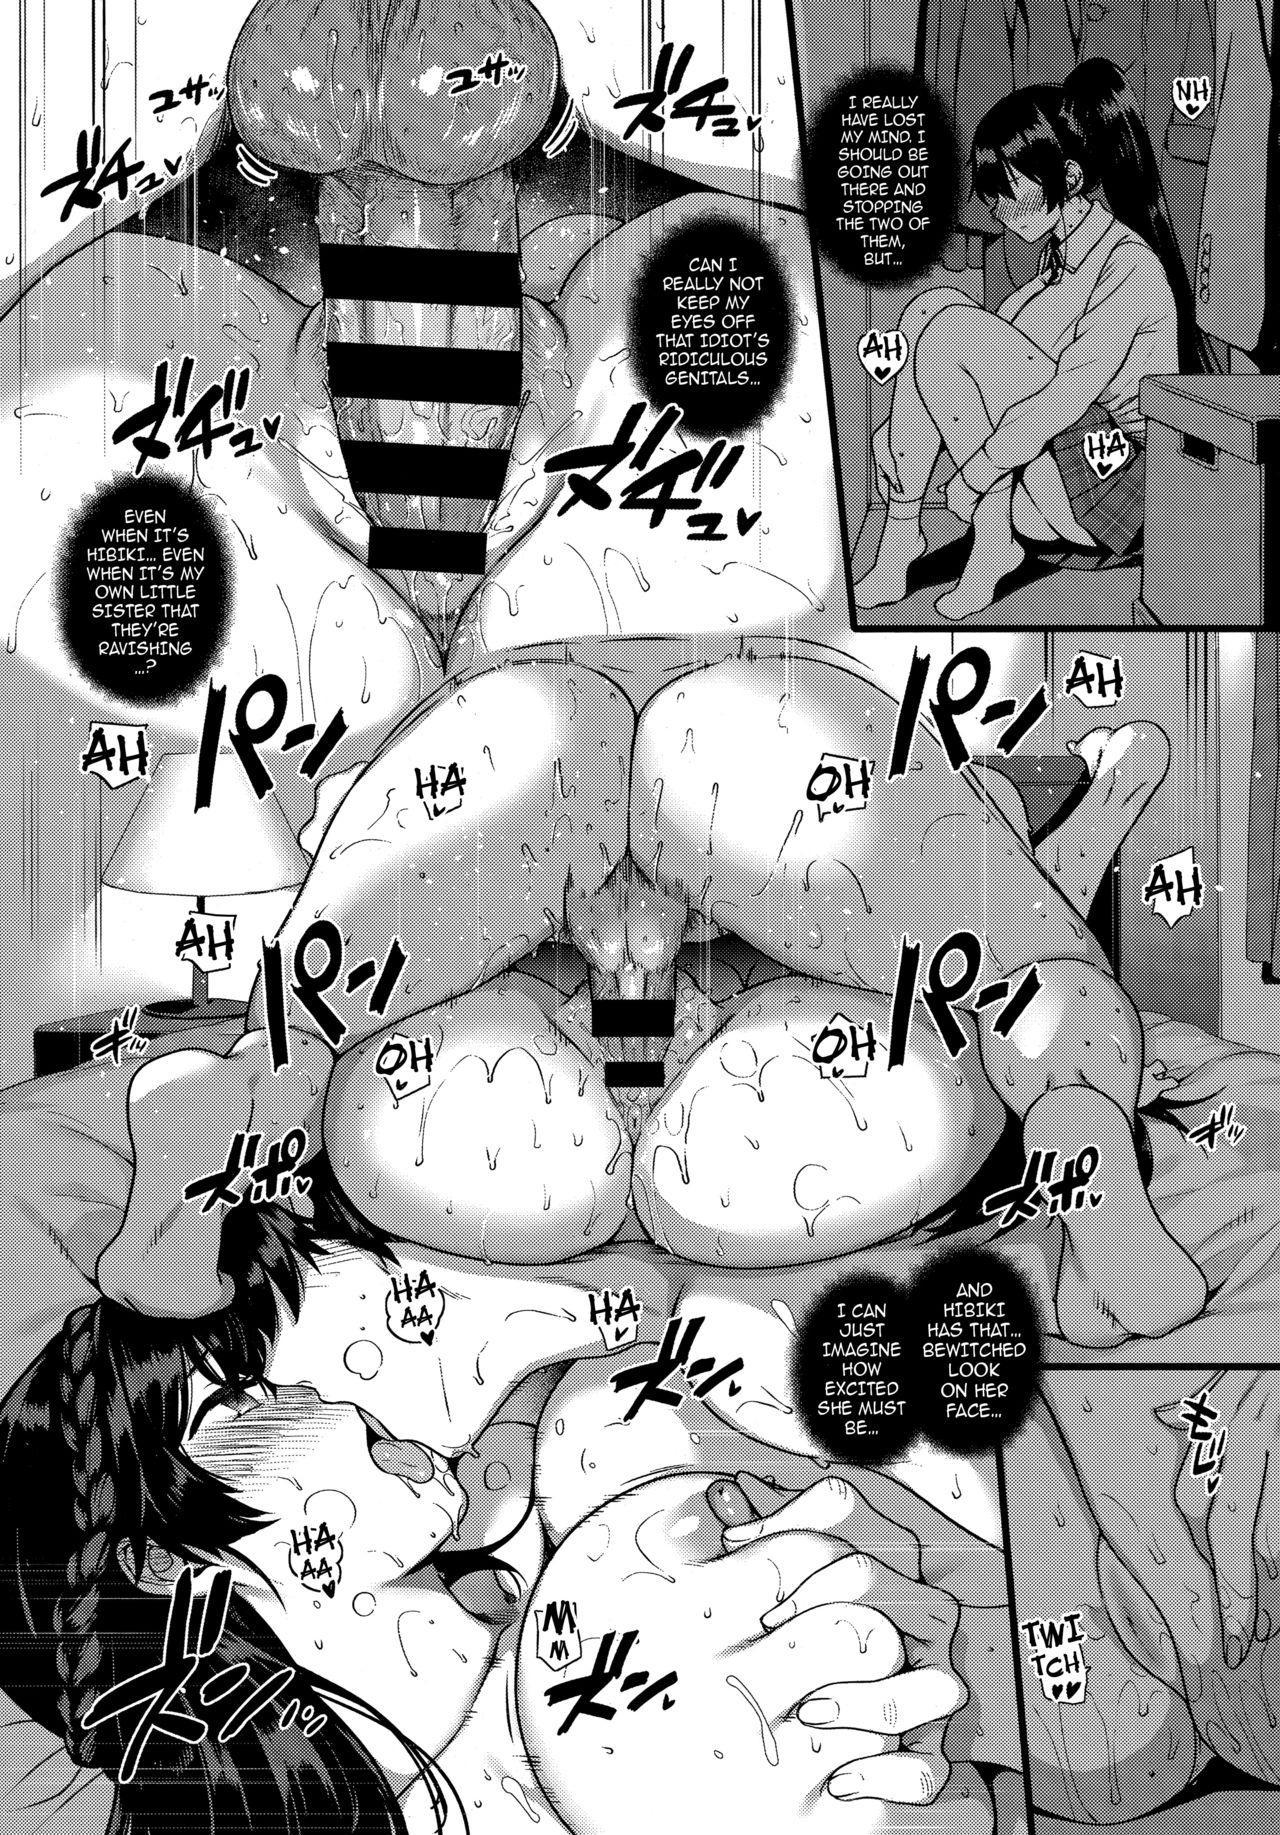 [Katsurai Yoshiaki] Amatsuka Gakuen no Ryoukan Seikatsu | Angel Academy's Hardcore Dorm Sex Life 1-2, 3.5-5 [English] {darknight} [Digital] 153